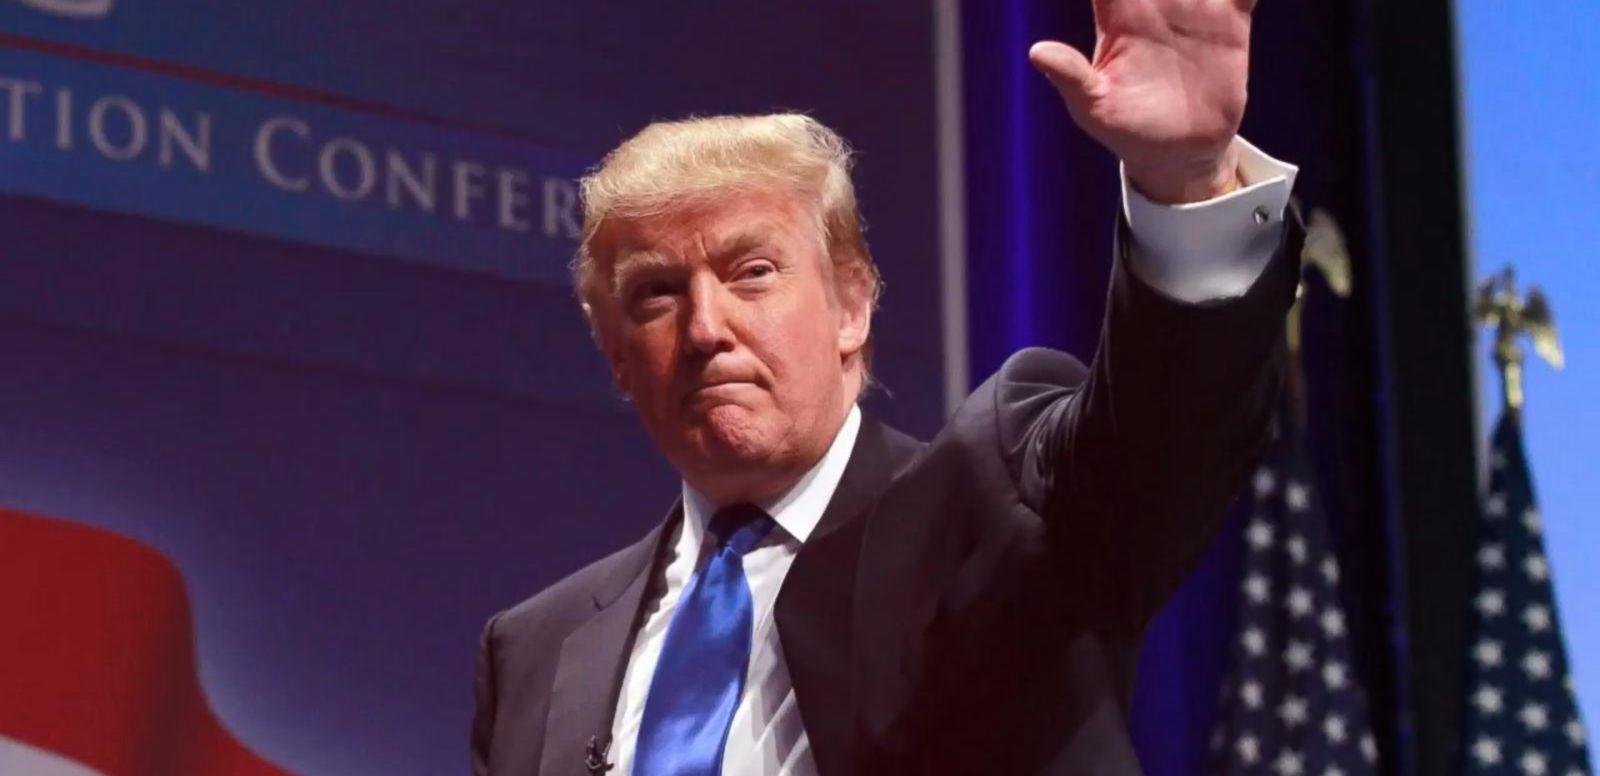 VIDEO: Donald Trump In a Minute